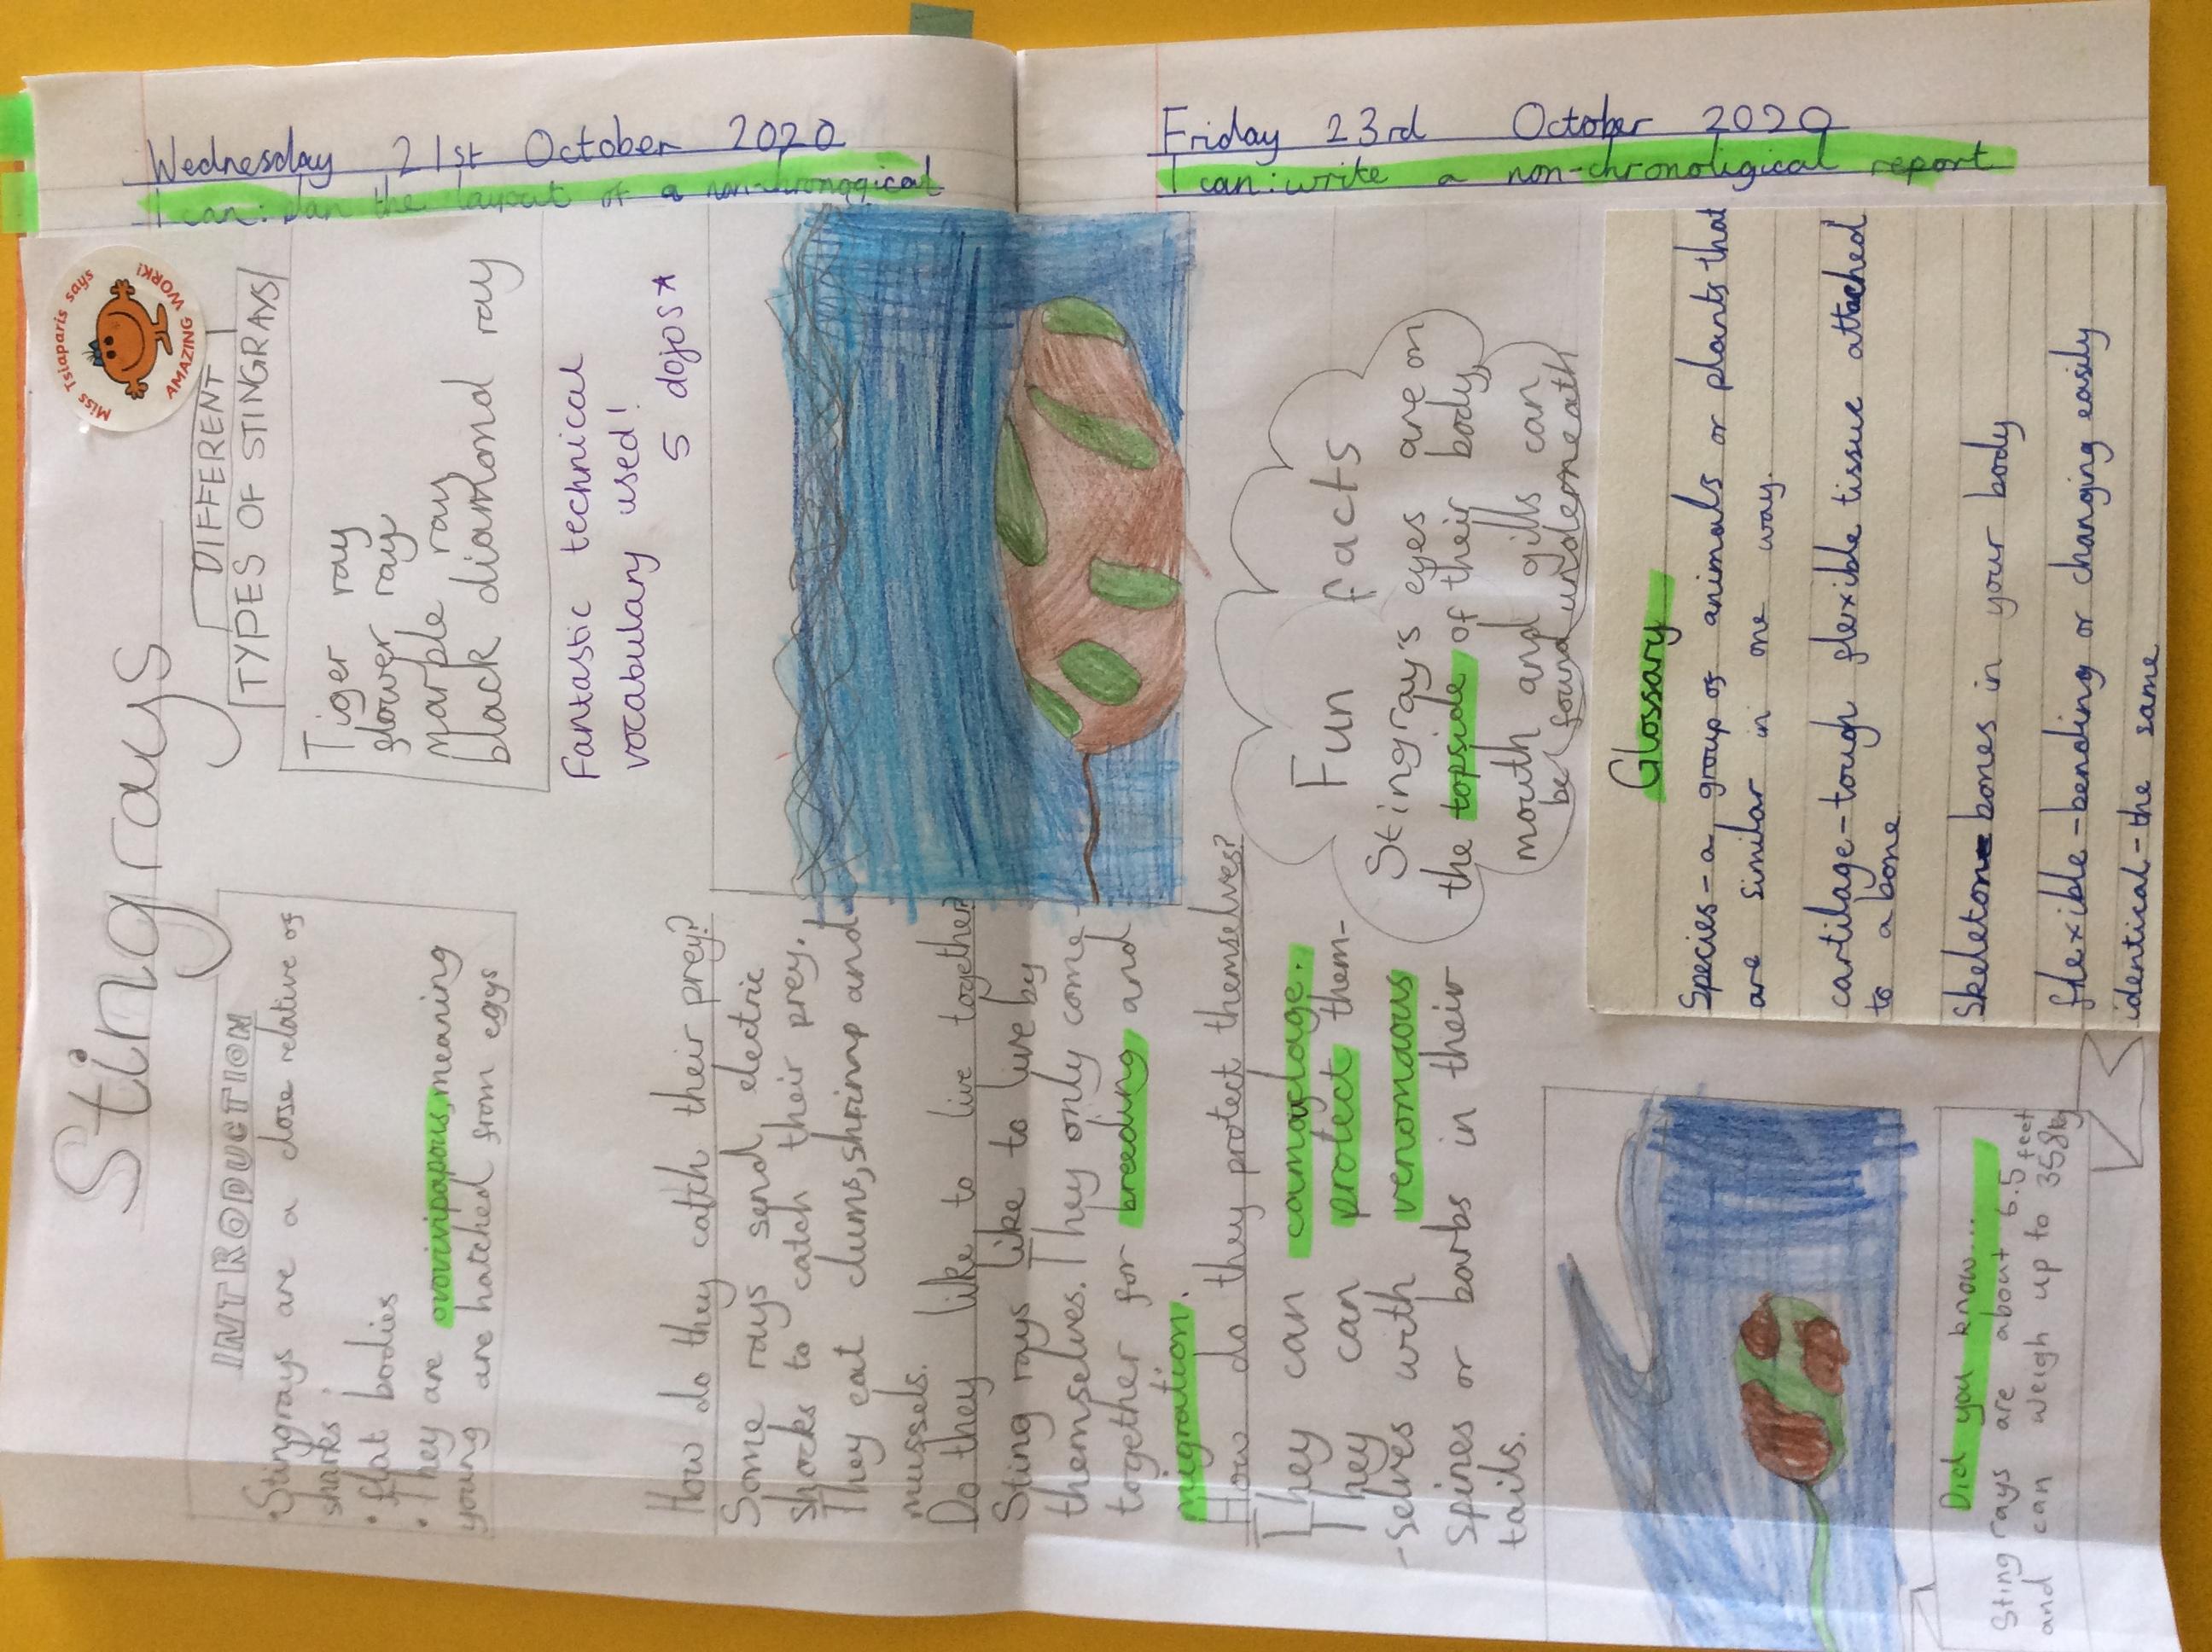 Alisha's excellent report!